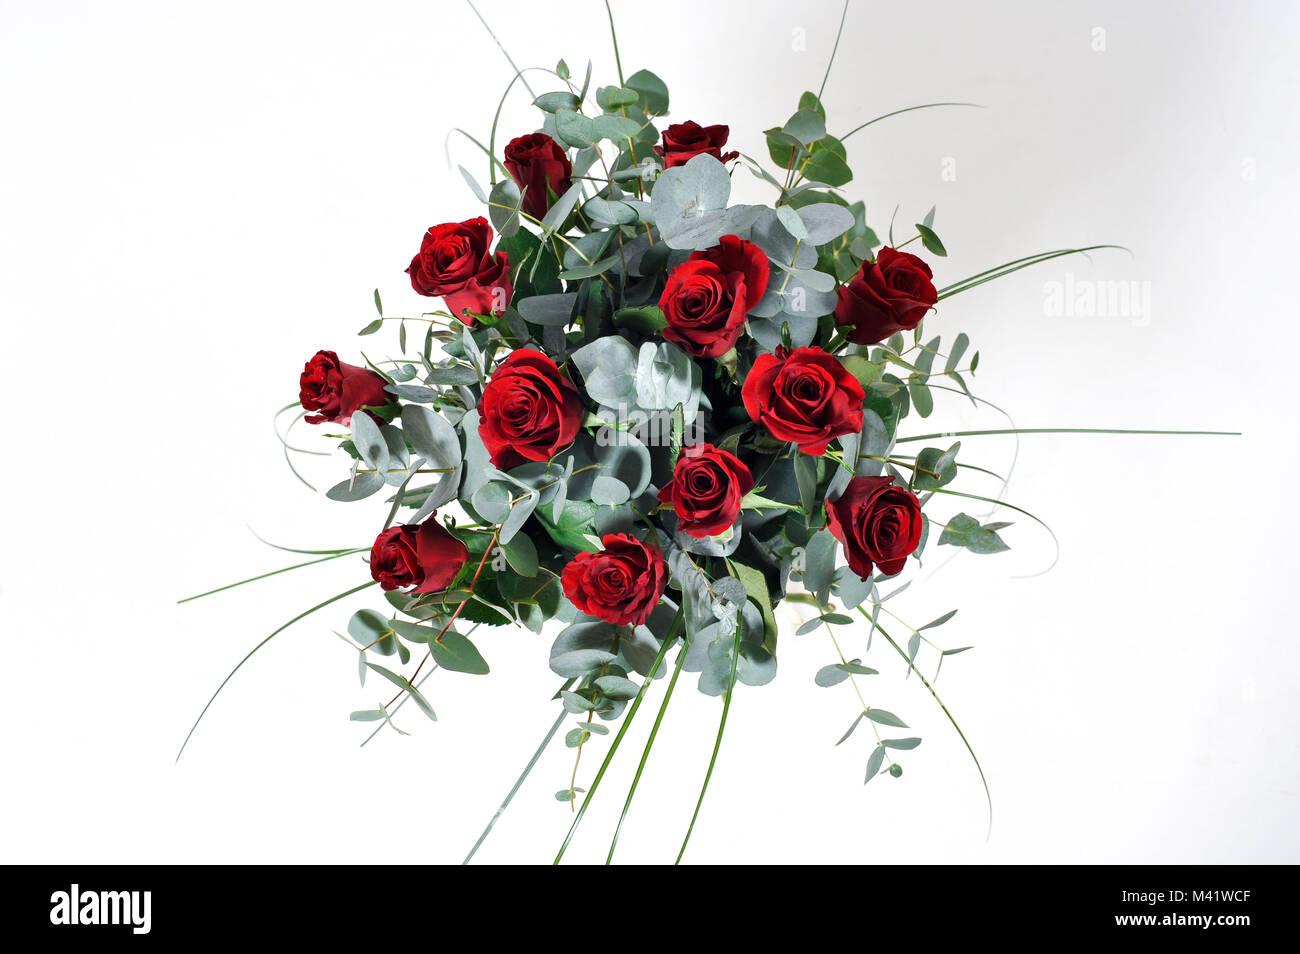 Bouquet De Fleur Pour St Valentin bouquets de fleurs d'être organisés pour une occasion